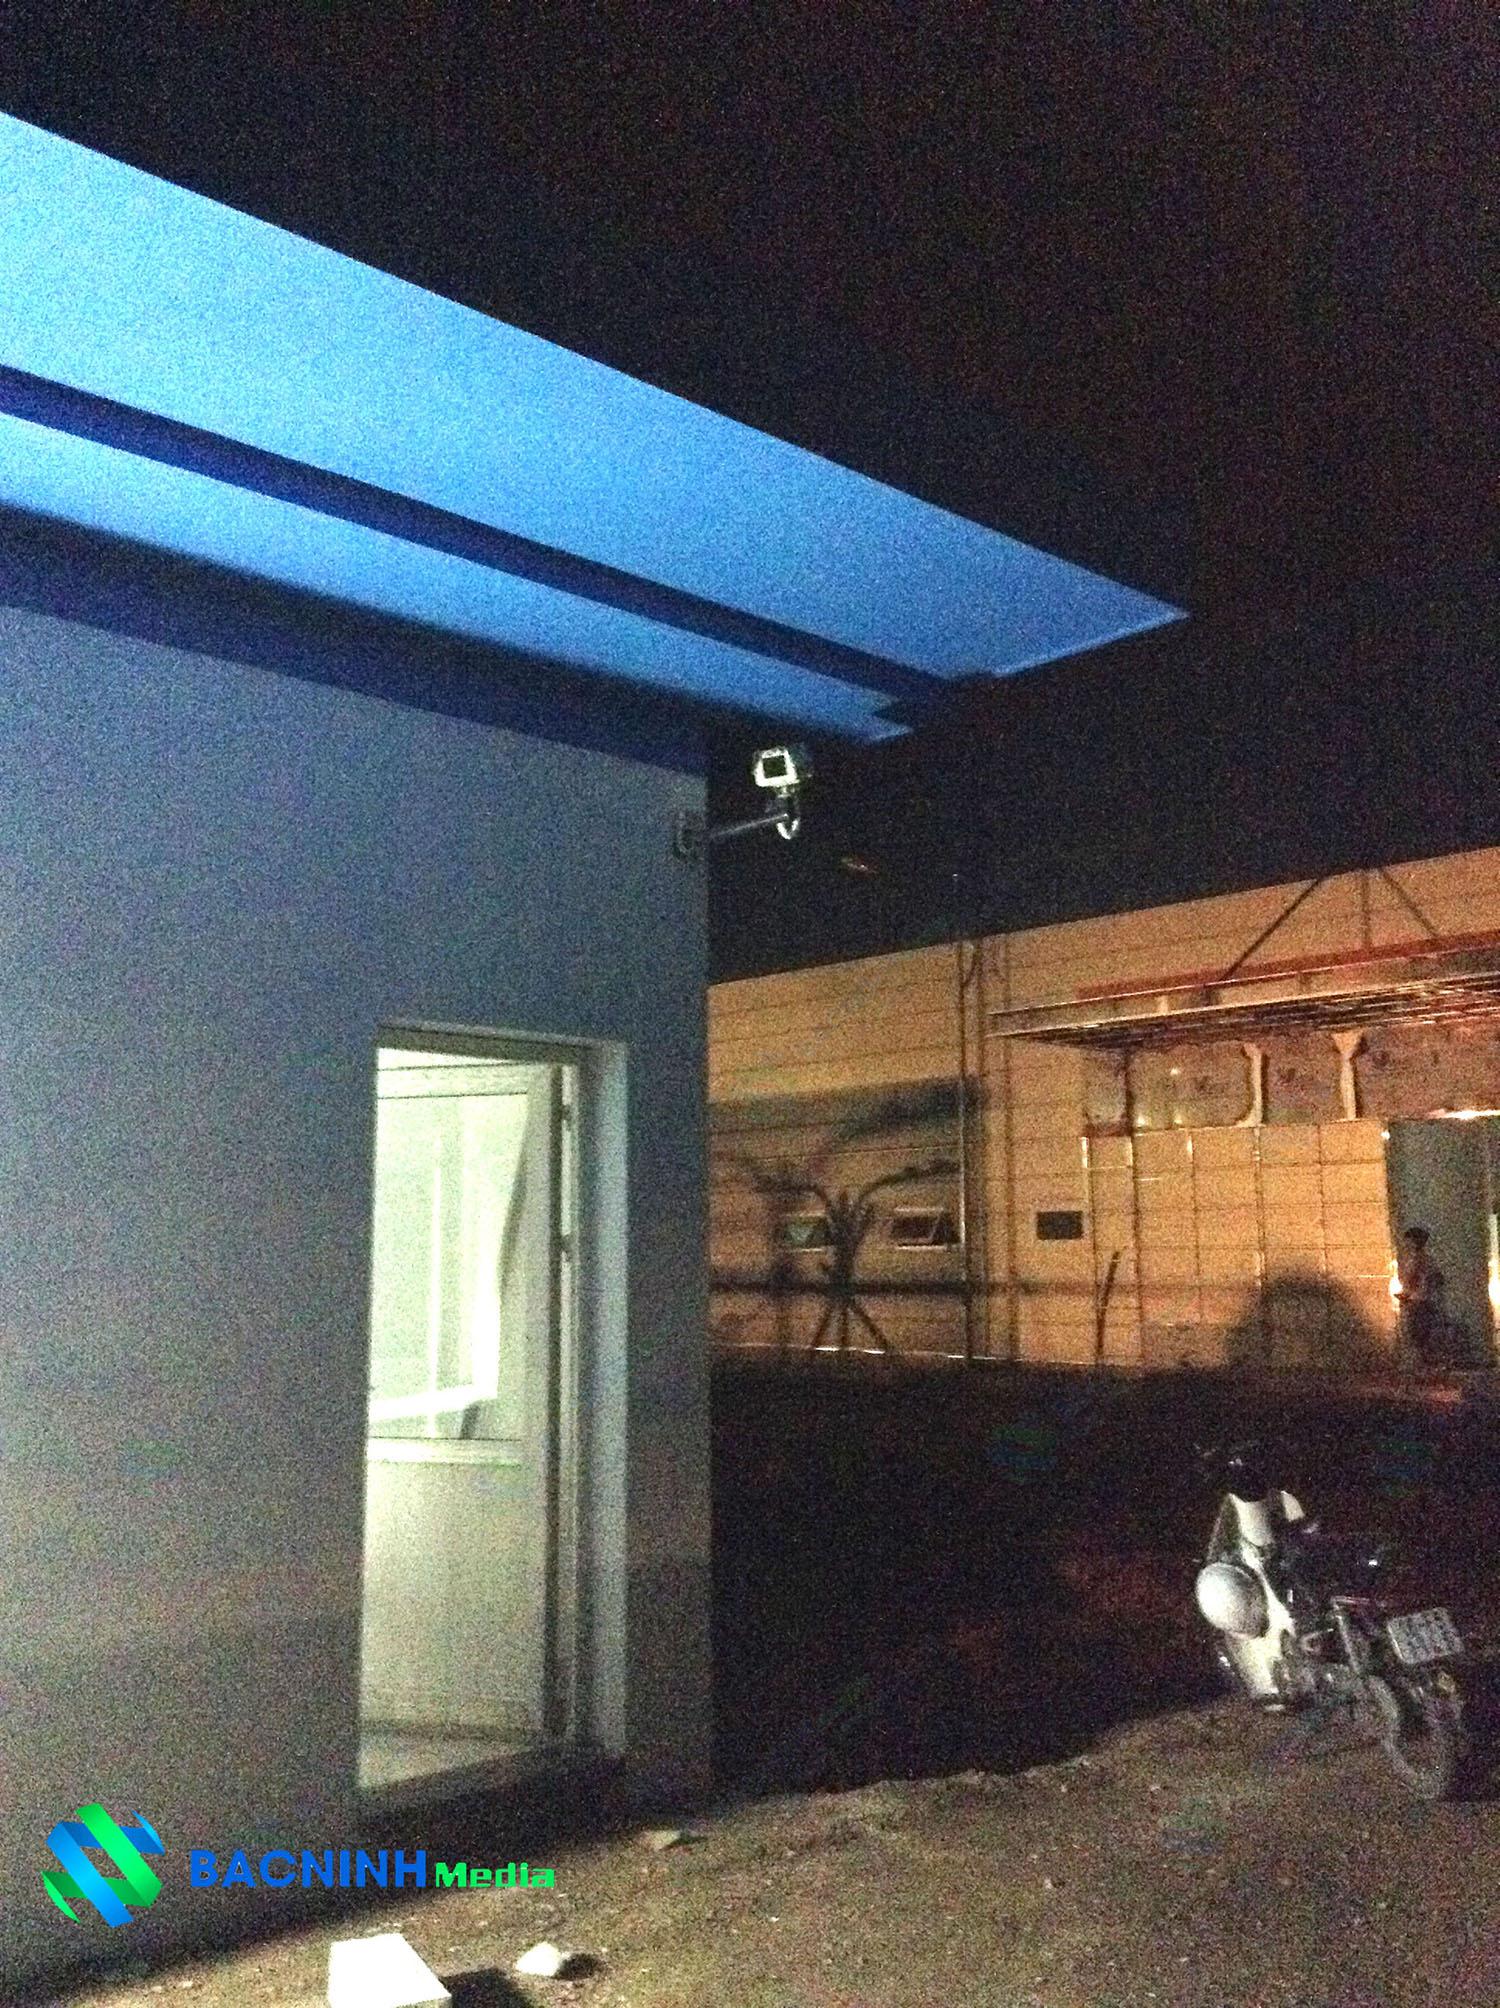 Với chức năng ghi hình 24/24 và hệ thống cảm biến hồng ngoại ban đêm giúp hệ thống hoạt động ổn định ngay cả ban đêm